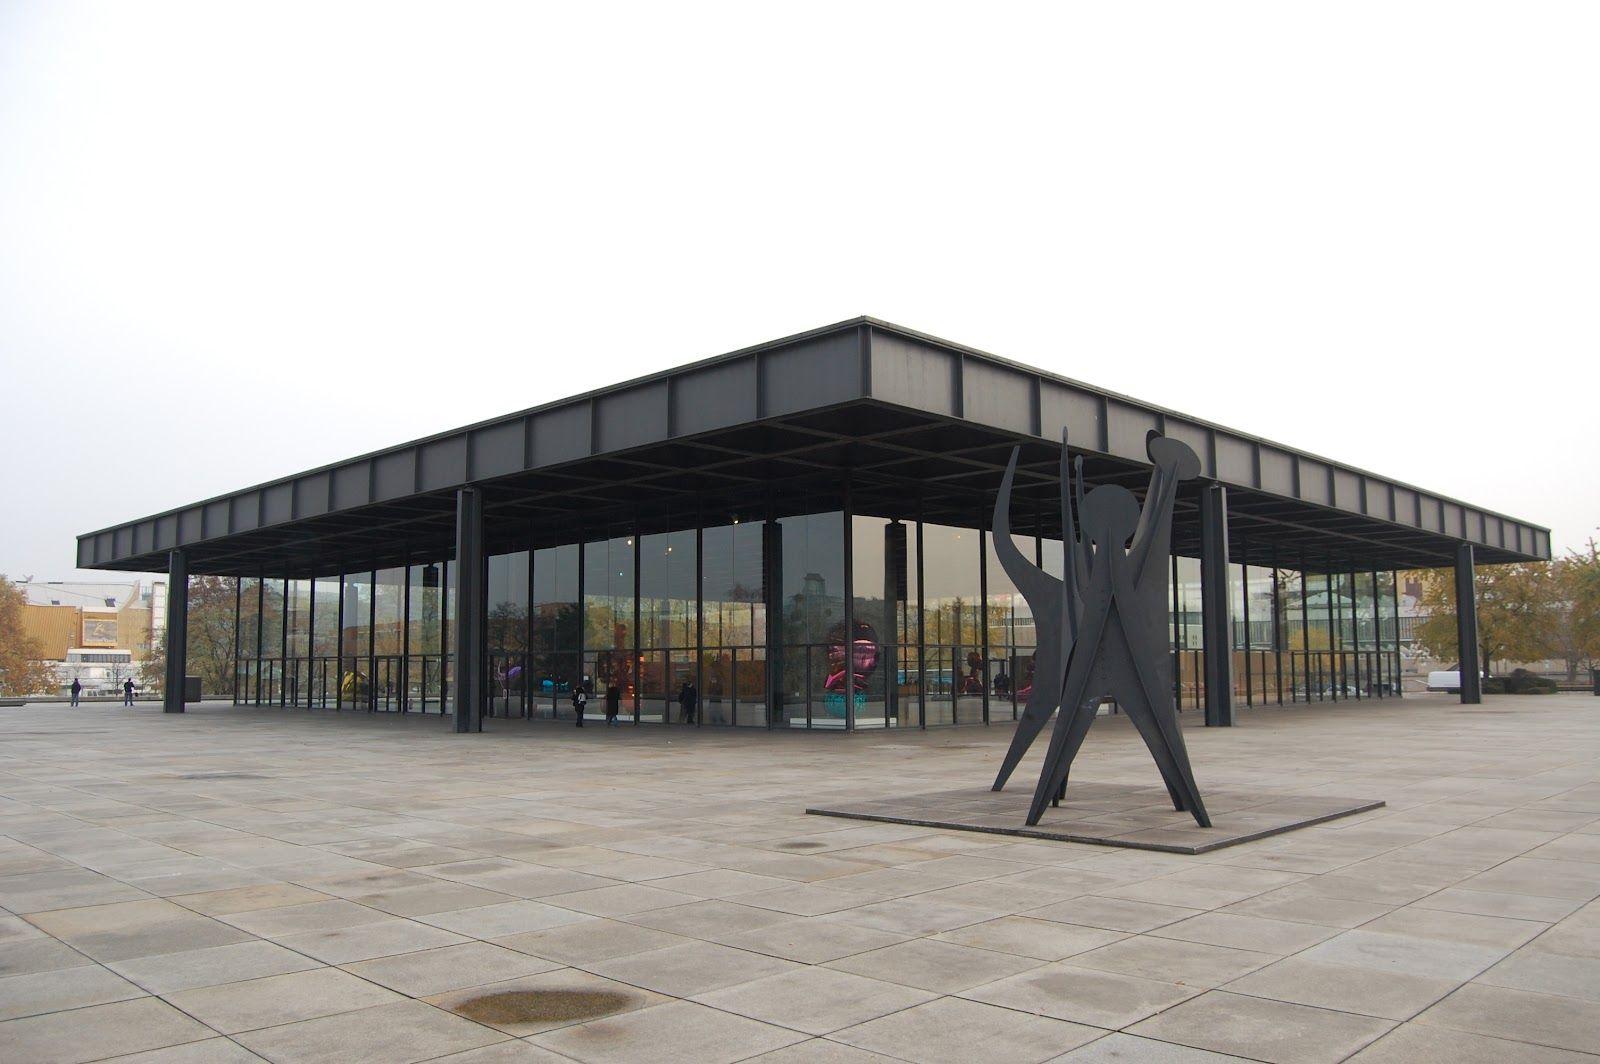 galeria nacional de berlin | Este es el último museo del afamado arquitecto Mies van der Rohe, y ...